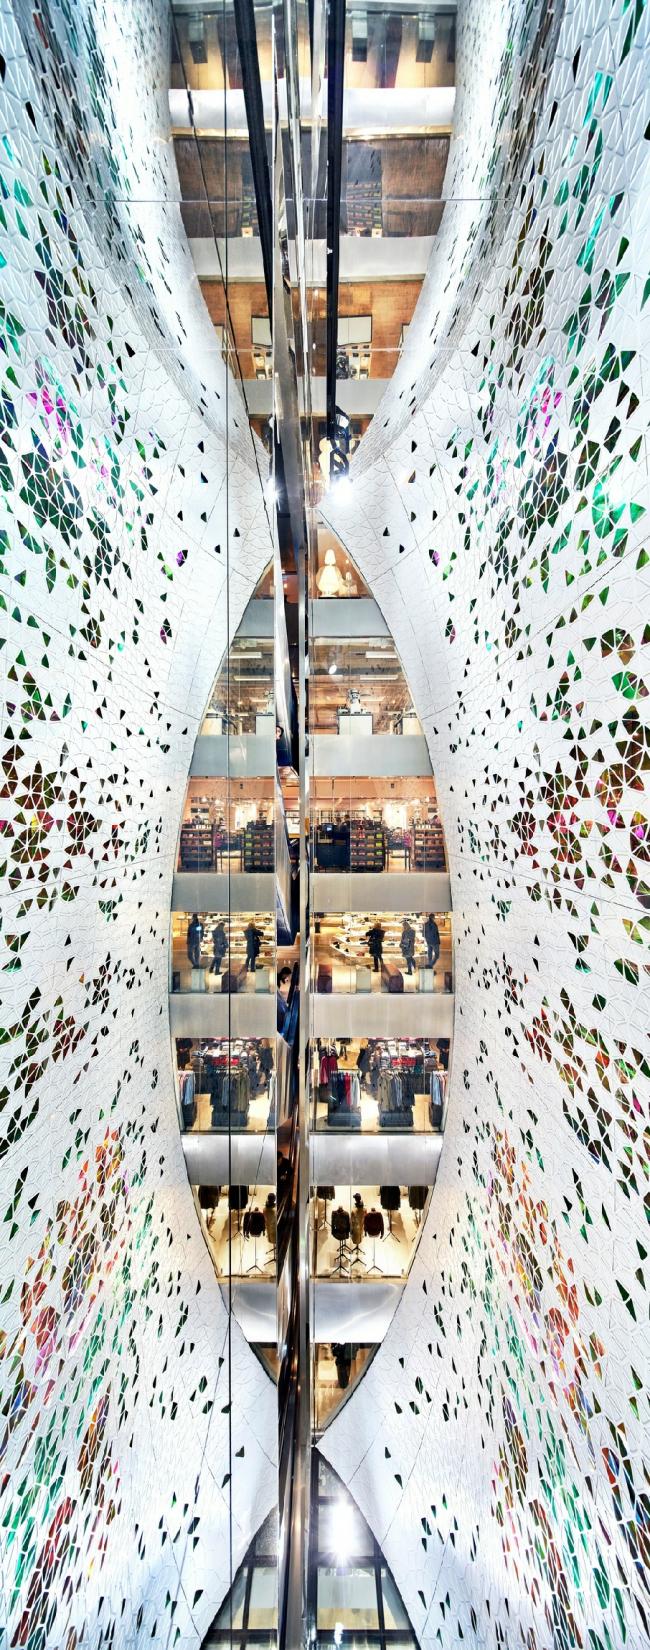 Вертикальная инсталляция для универмага Printemps Haussmann, студия UUfie  ©  Michel Denance